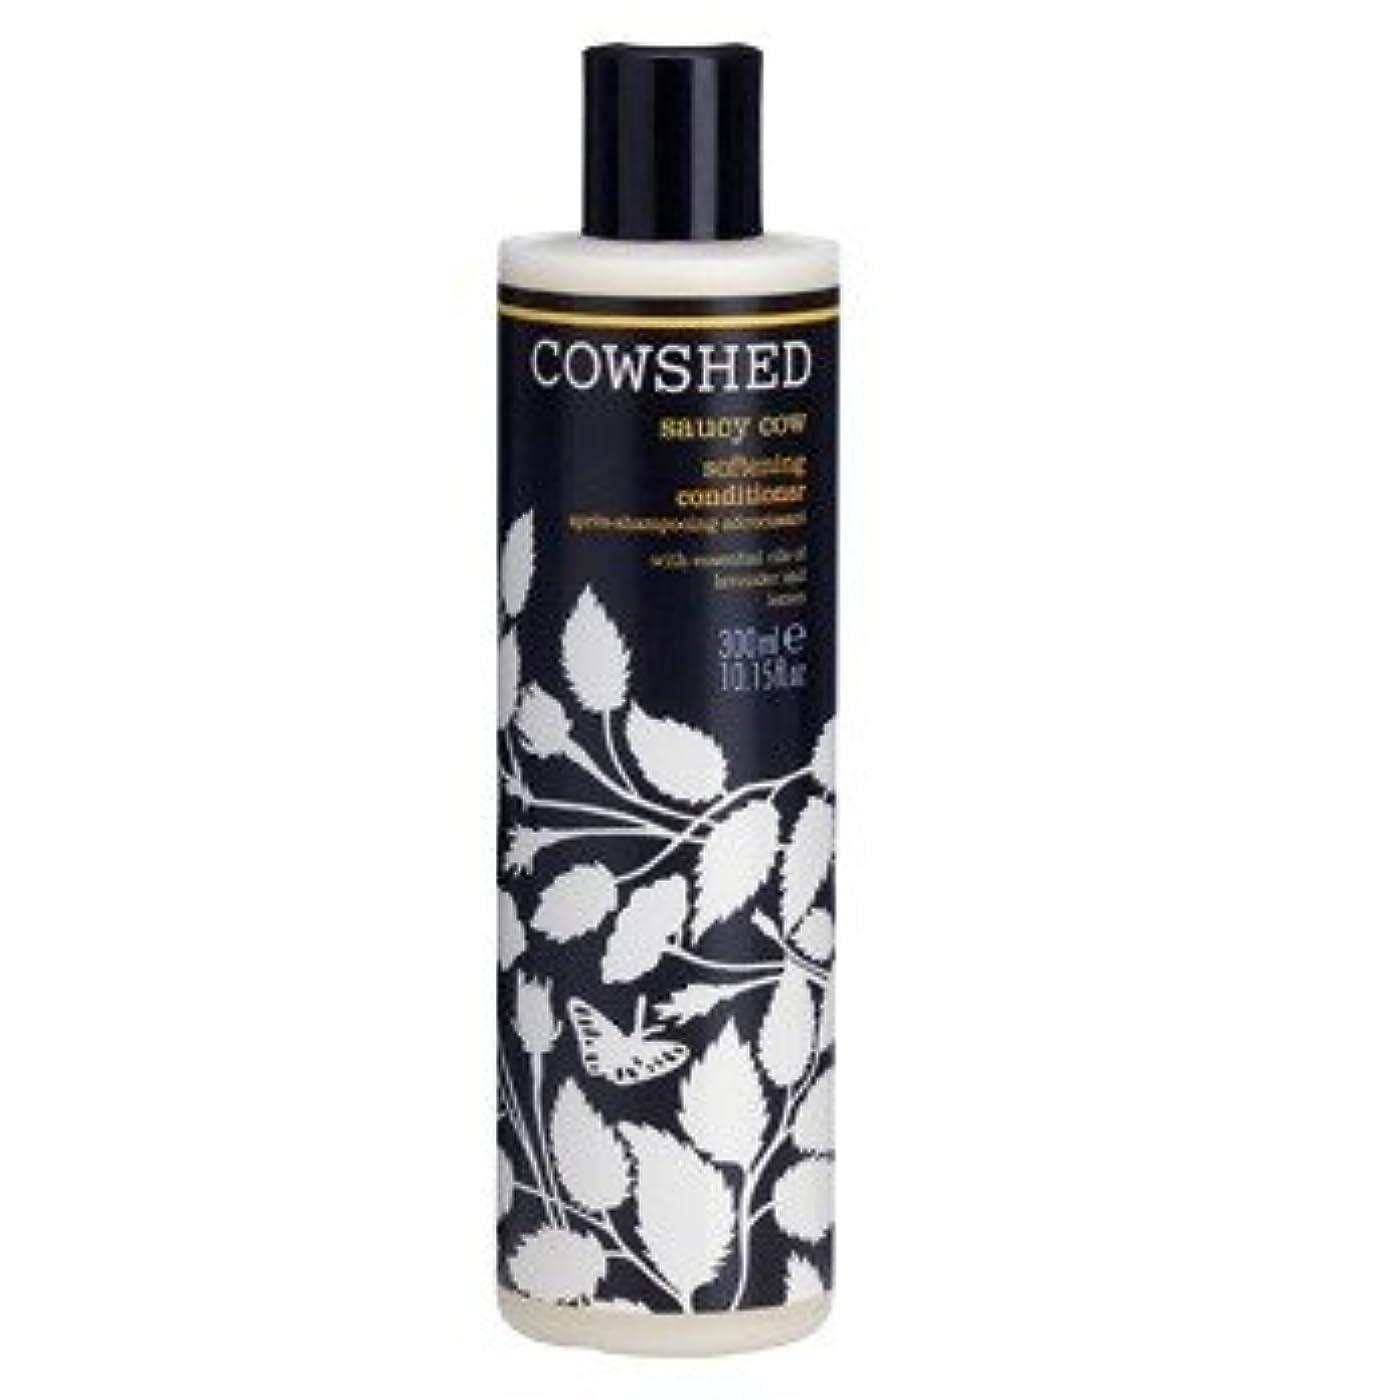 受信恥ずかしさ船外牛舎生意気な牛軟化コンディショナー300ミリリットル (Cowshed) (x2) - Cowshed Saucy Cow Softening Conditioner 300ml (Pack of 2) [並行輸入品]